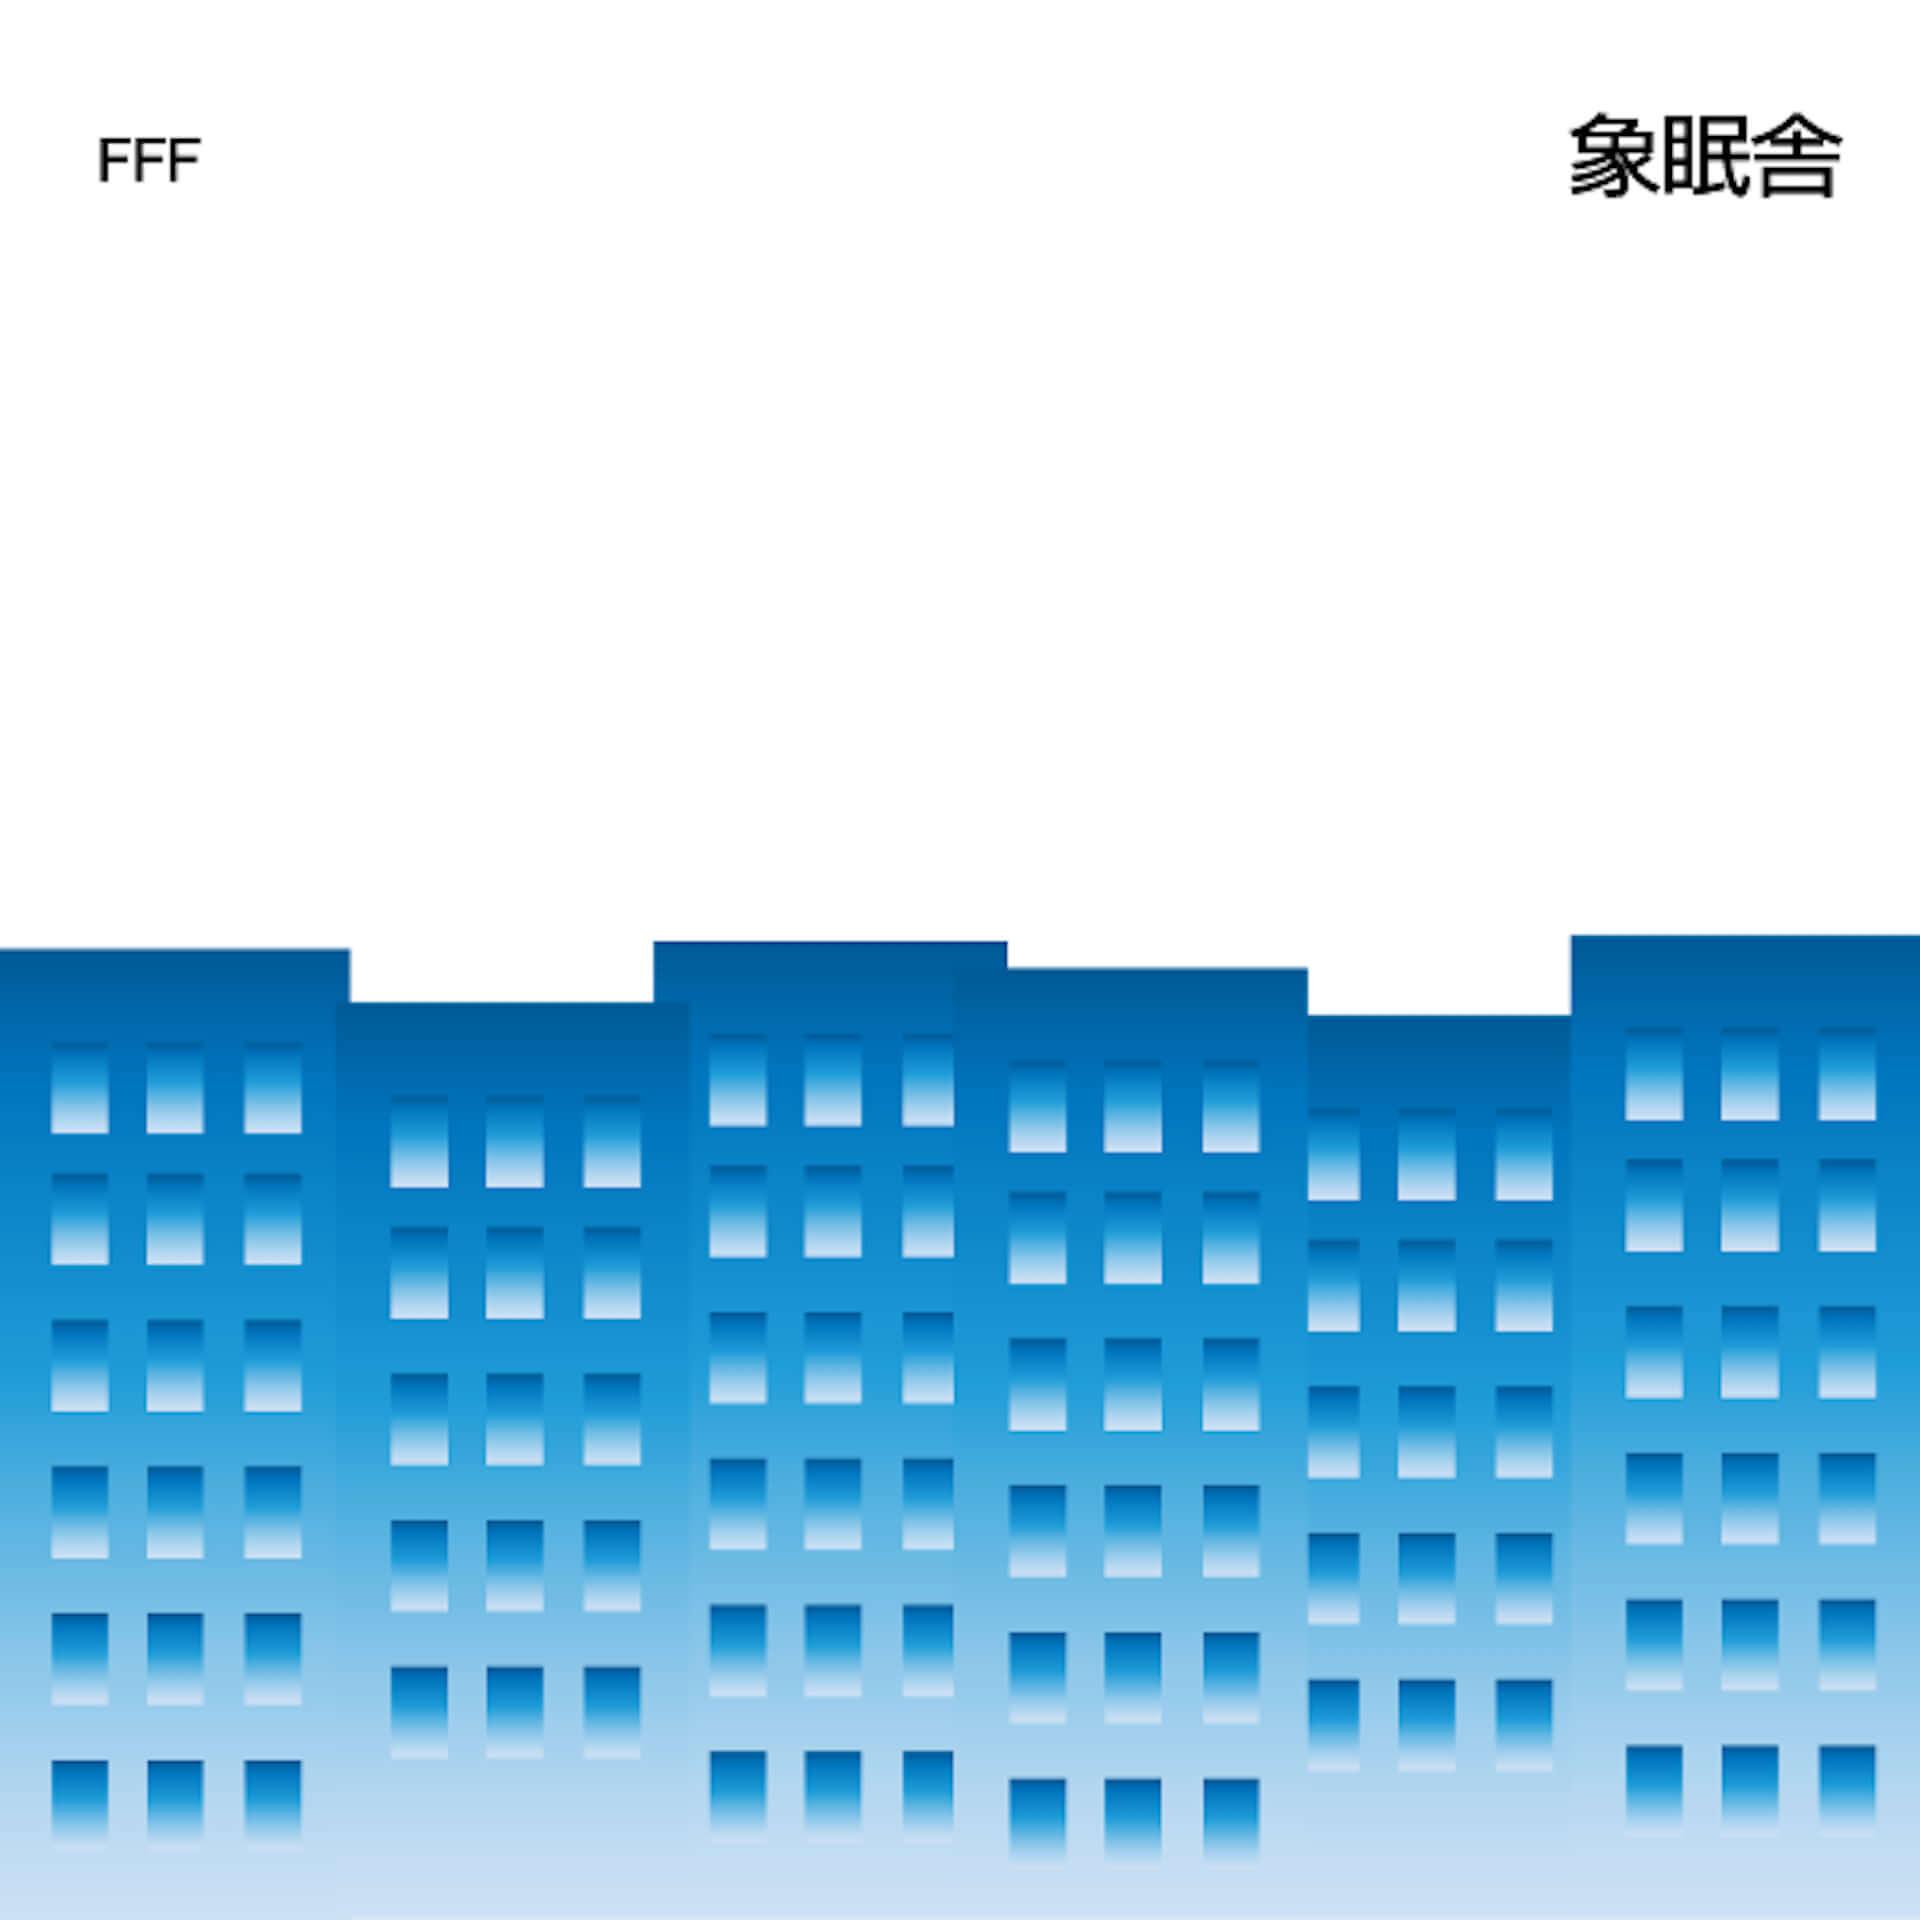 """象眠舎がSIRUP、吉田沙良を迎えた新曲""""FFF""""のリリックビデオを公開!プロデューサー・Seiji Moritaのコメントも到着 music210207_zoominsha_1-1920x1920"""